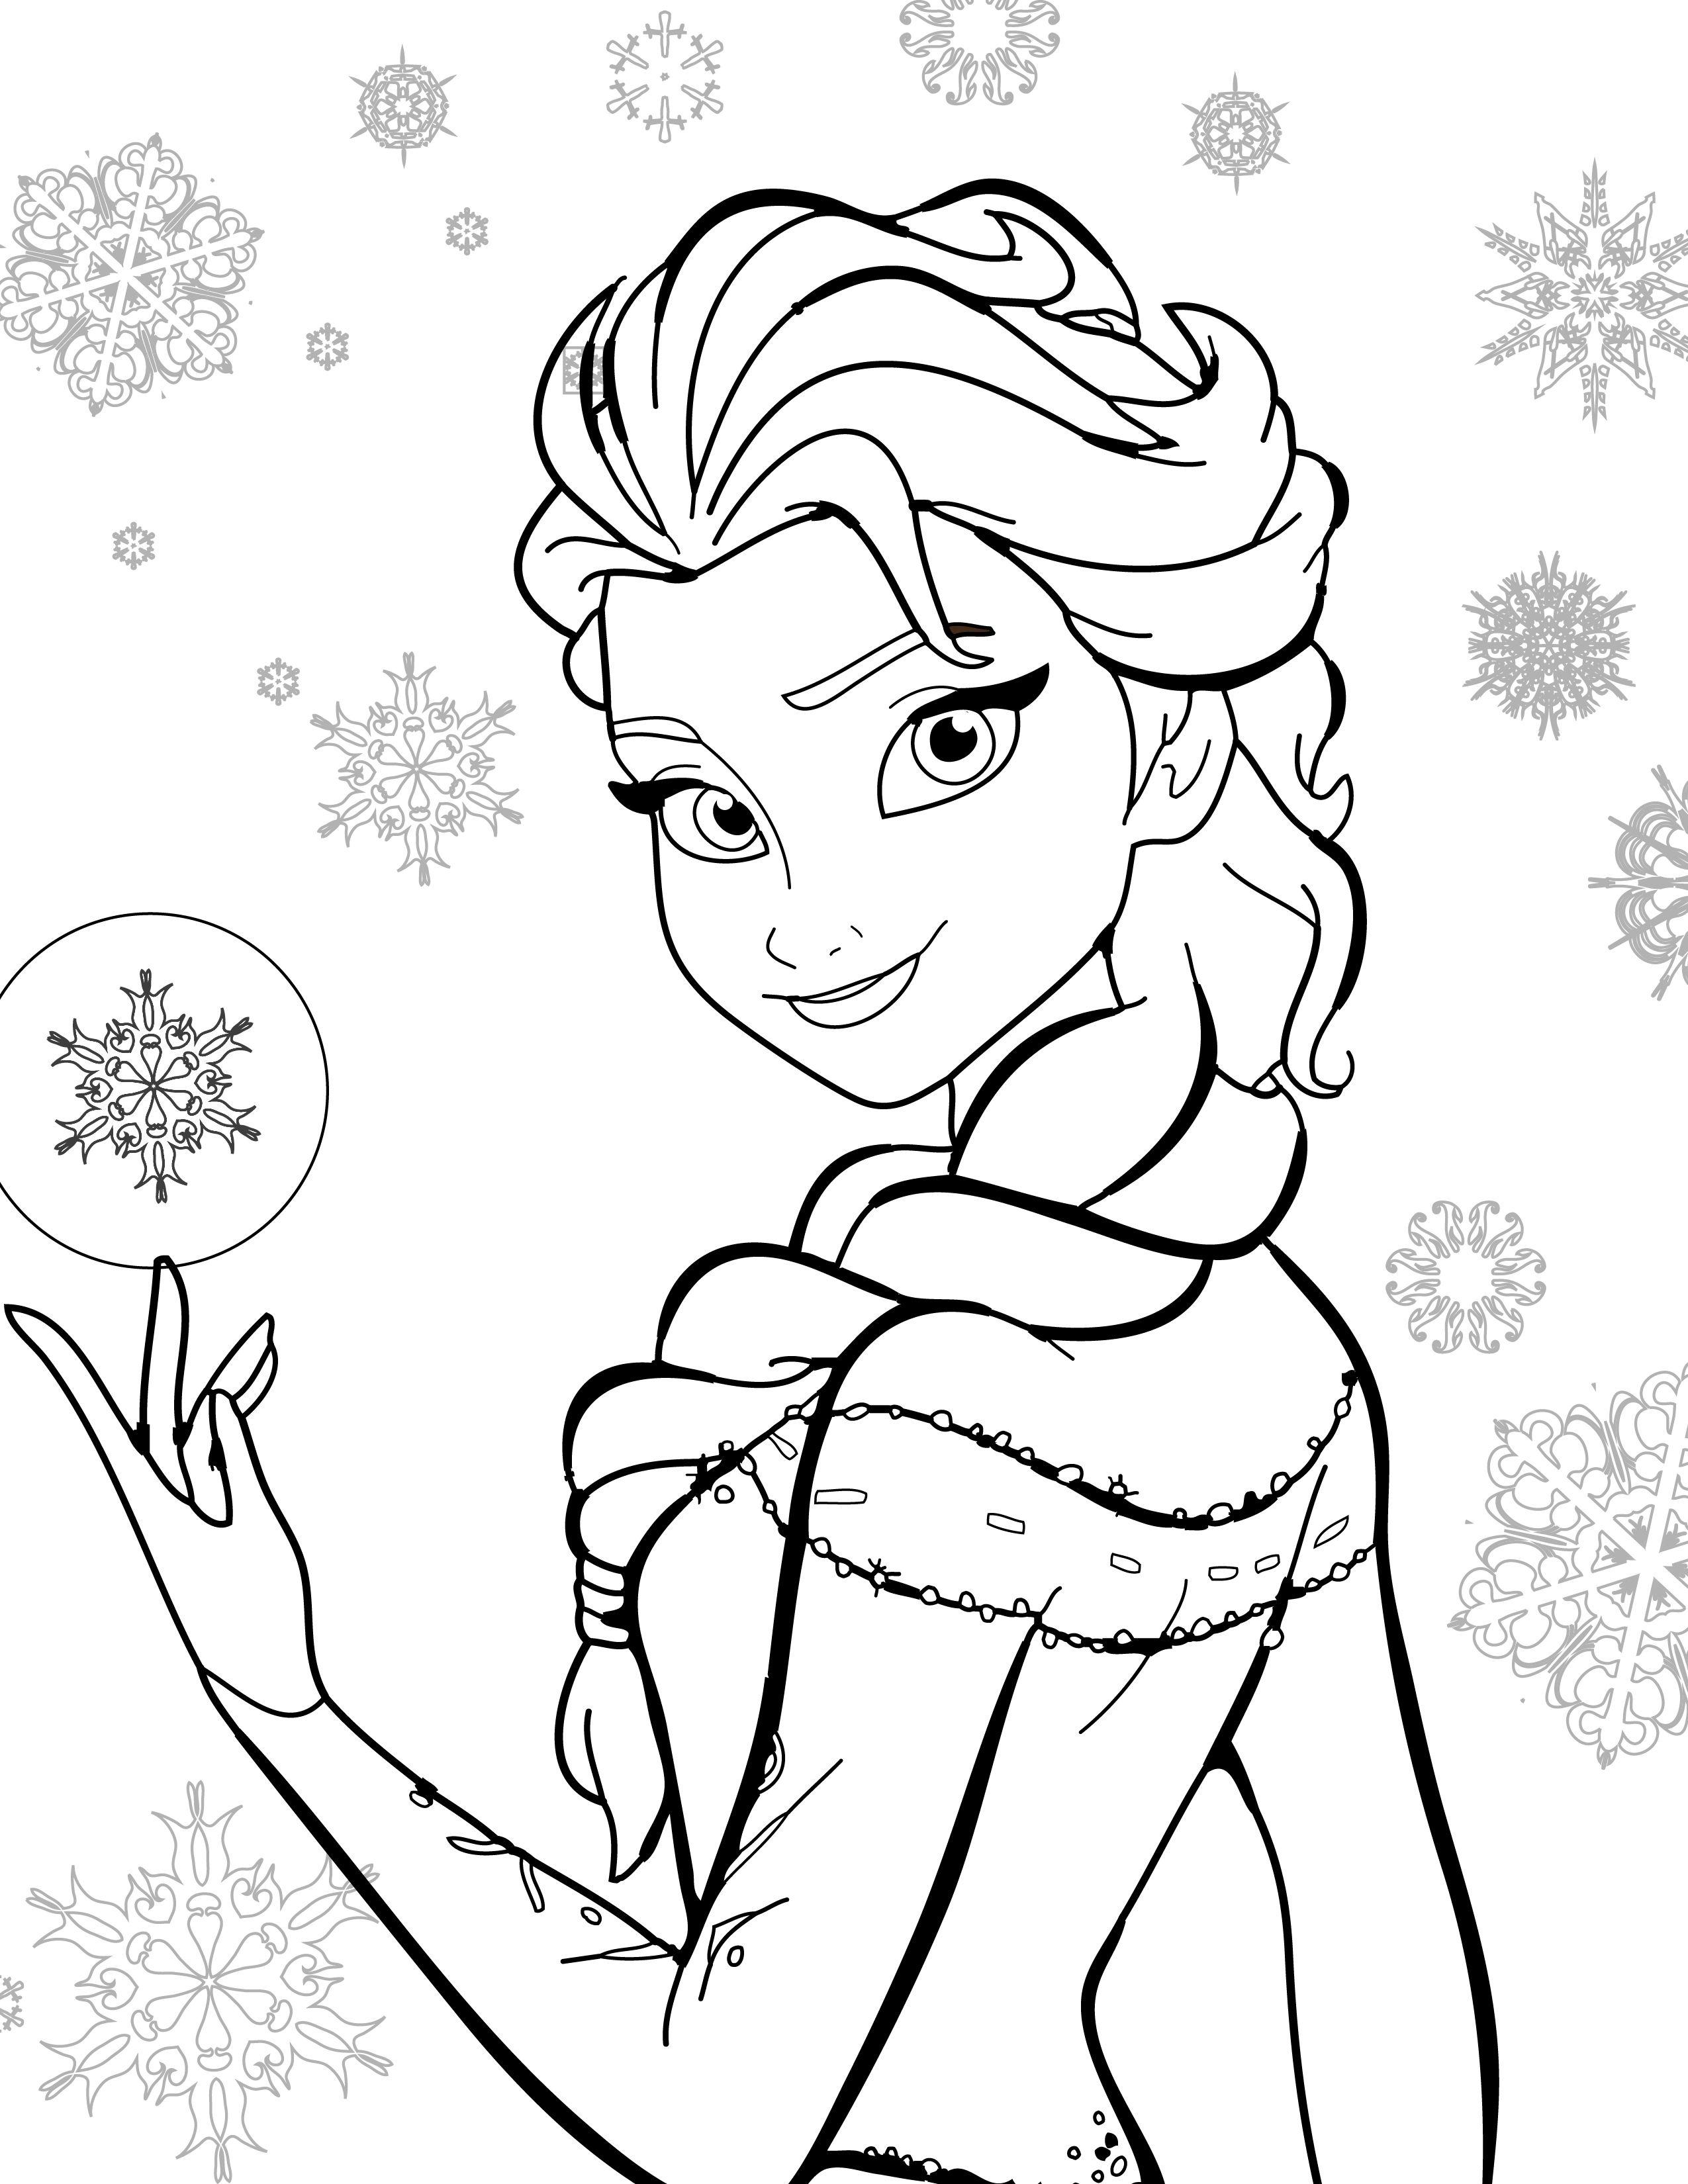 Coloriage De Disney Gratuit, Elsa Frozen (Avec Images) | Coloriage Elsa, Coloriage Reine Des dedans Coloriage Mandala Disney À Imprimer Gratuit